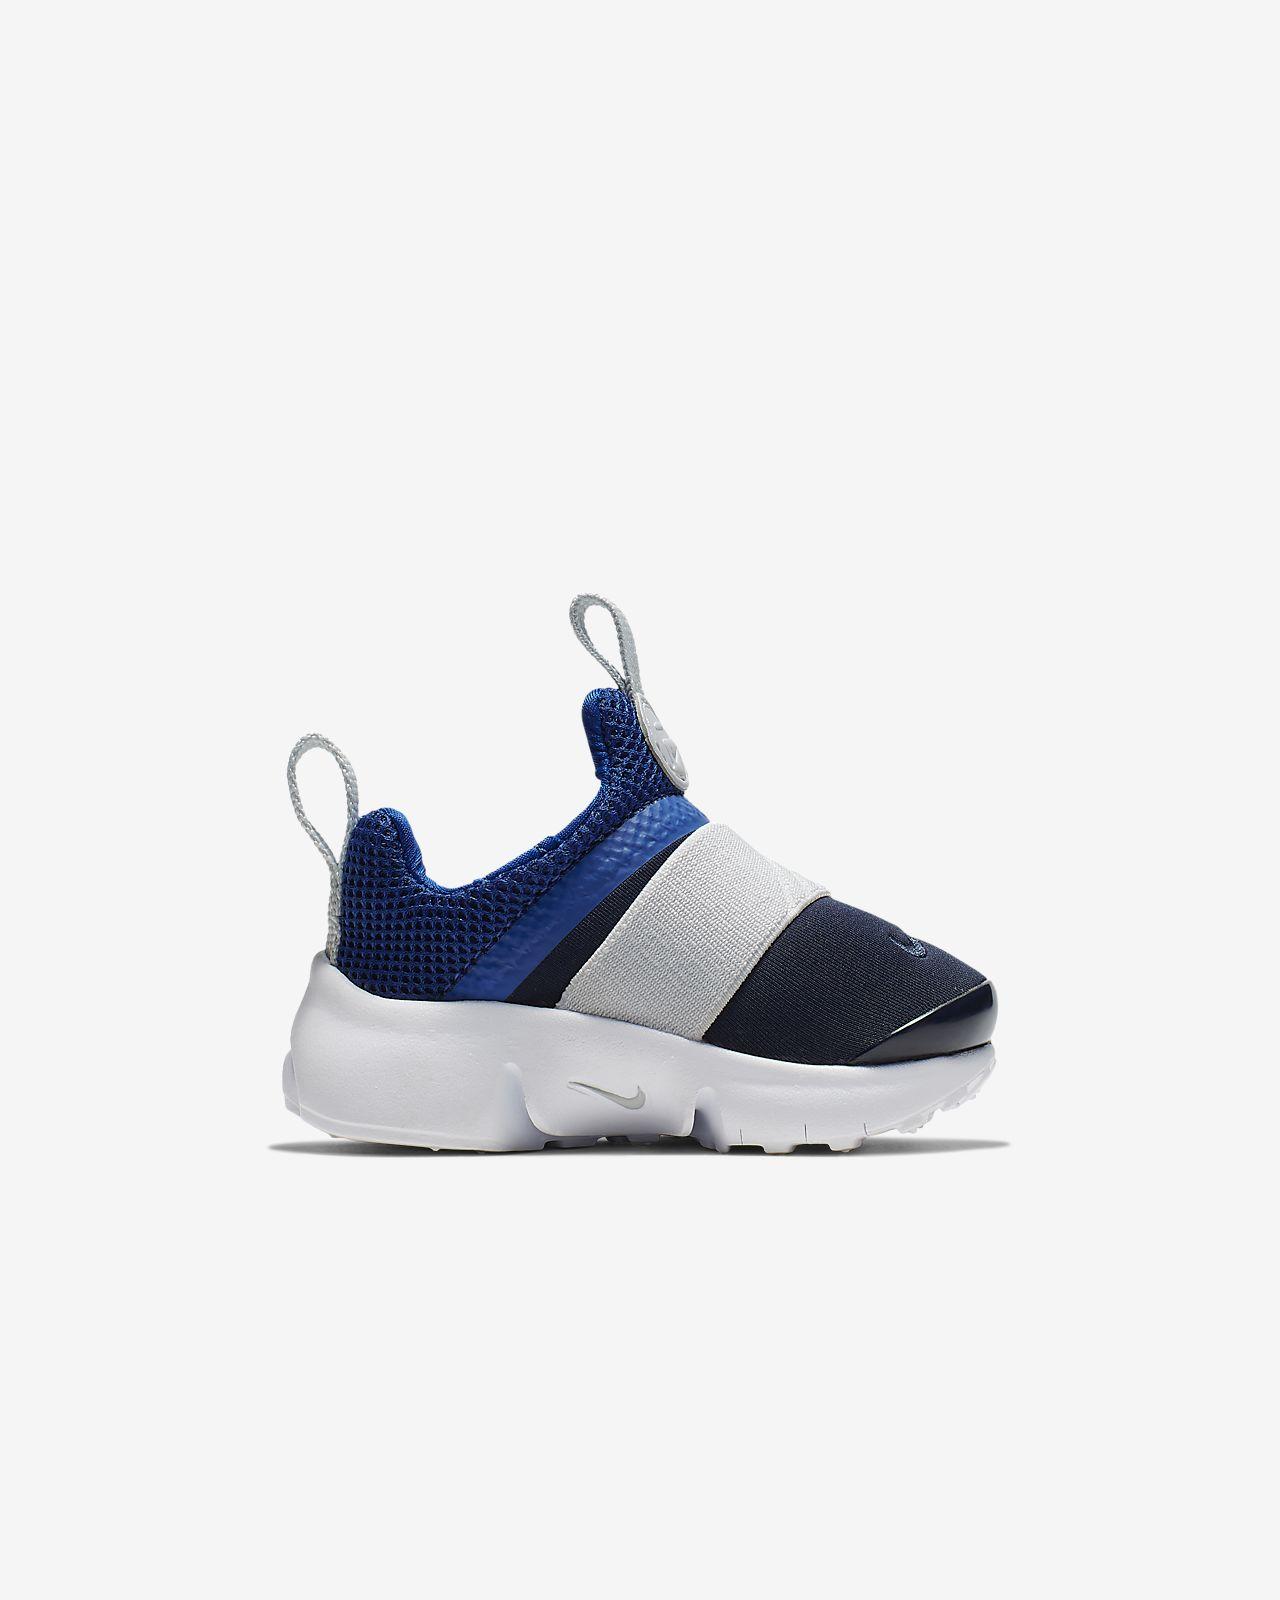 89e5494eab Nike Presto Extreme Infant/Toddler Shoe. Nike.com